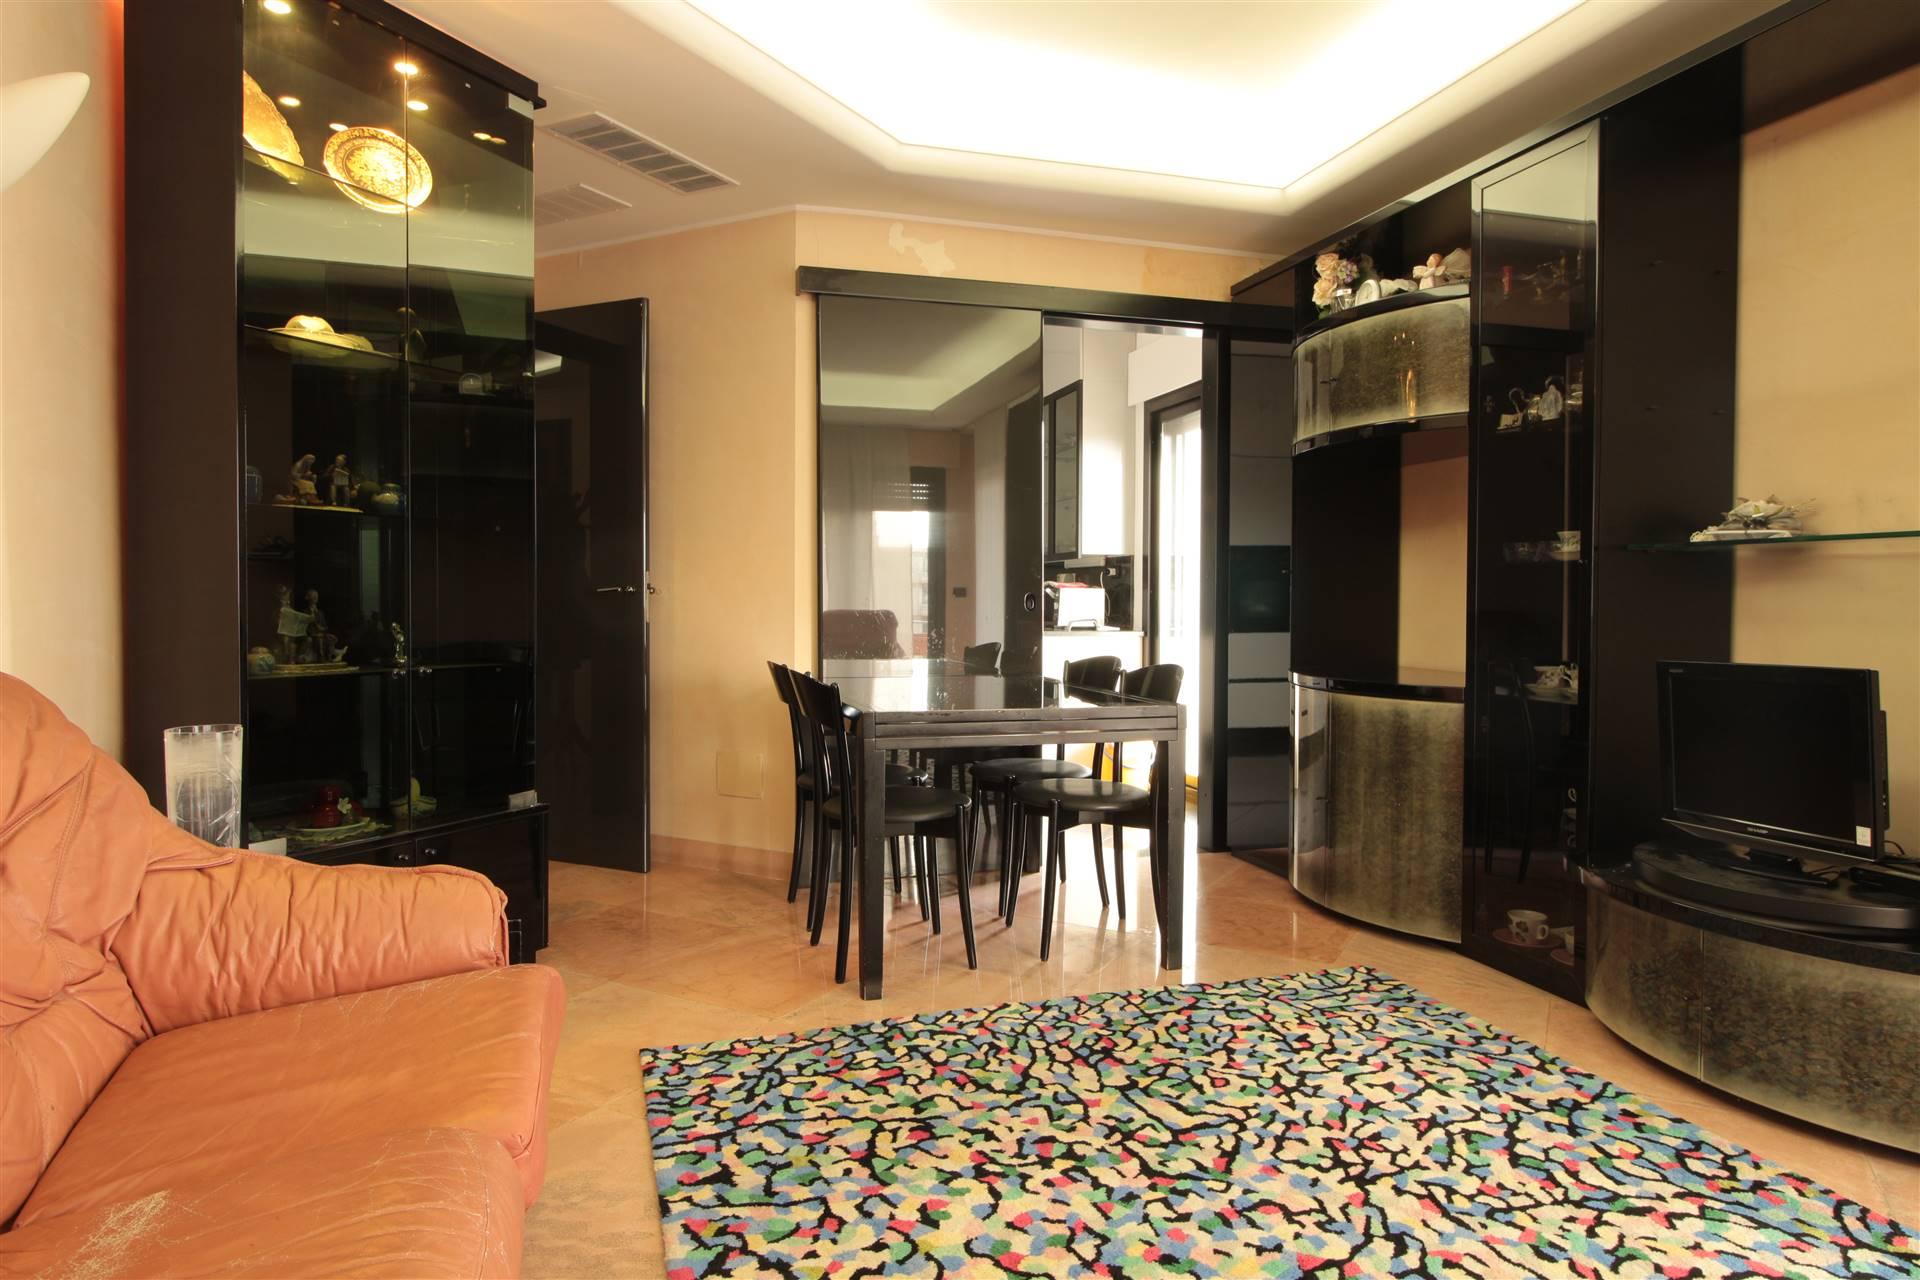 VENTIMIGLIA, Wohnung zur miete von 90 Qm, Beste ausstattung, Heizung Unabhaengig, Energie-klasse: G, am boden 5°, zusammengestellt von: 4 Raume,